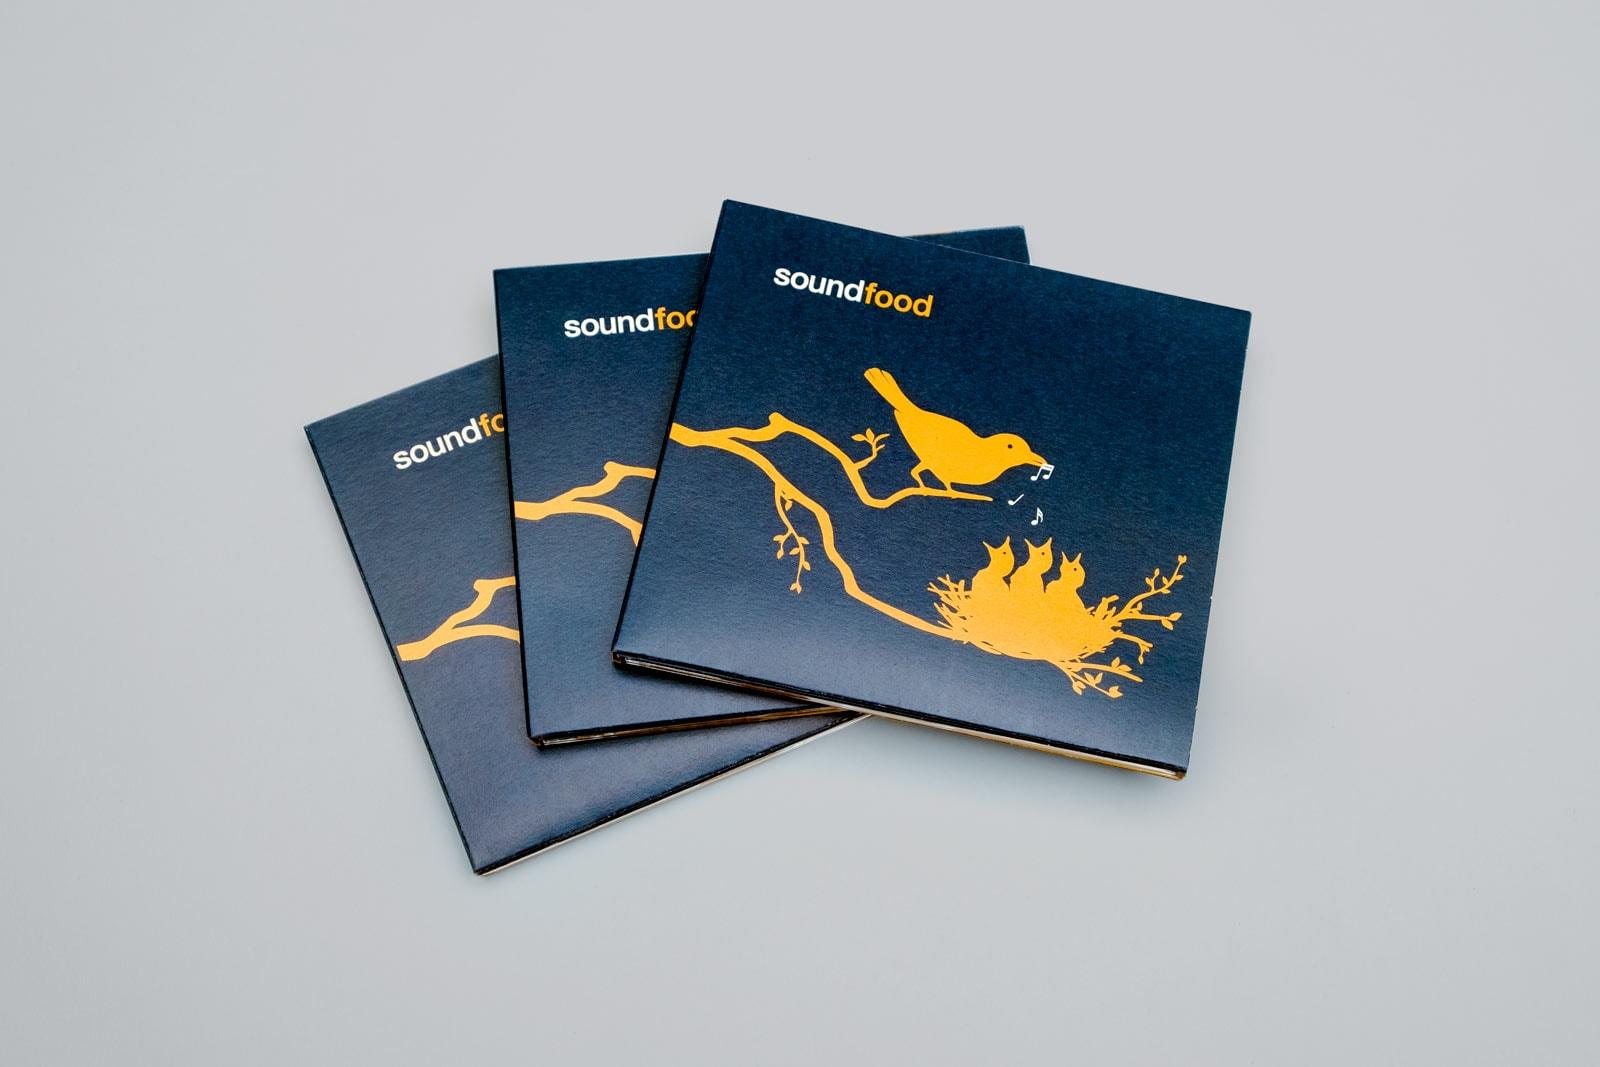 soundfood, Musik Compilation, CD Cover, Digi-Pack, Cover Artwork, Cover, Arrangement